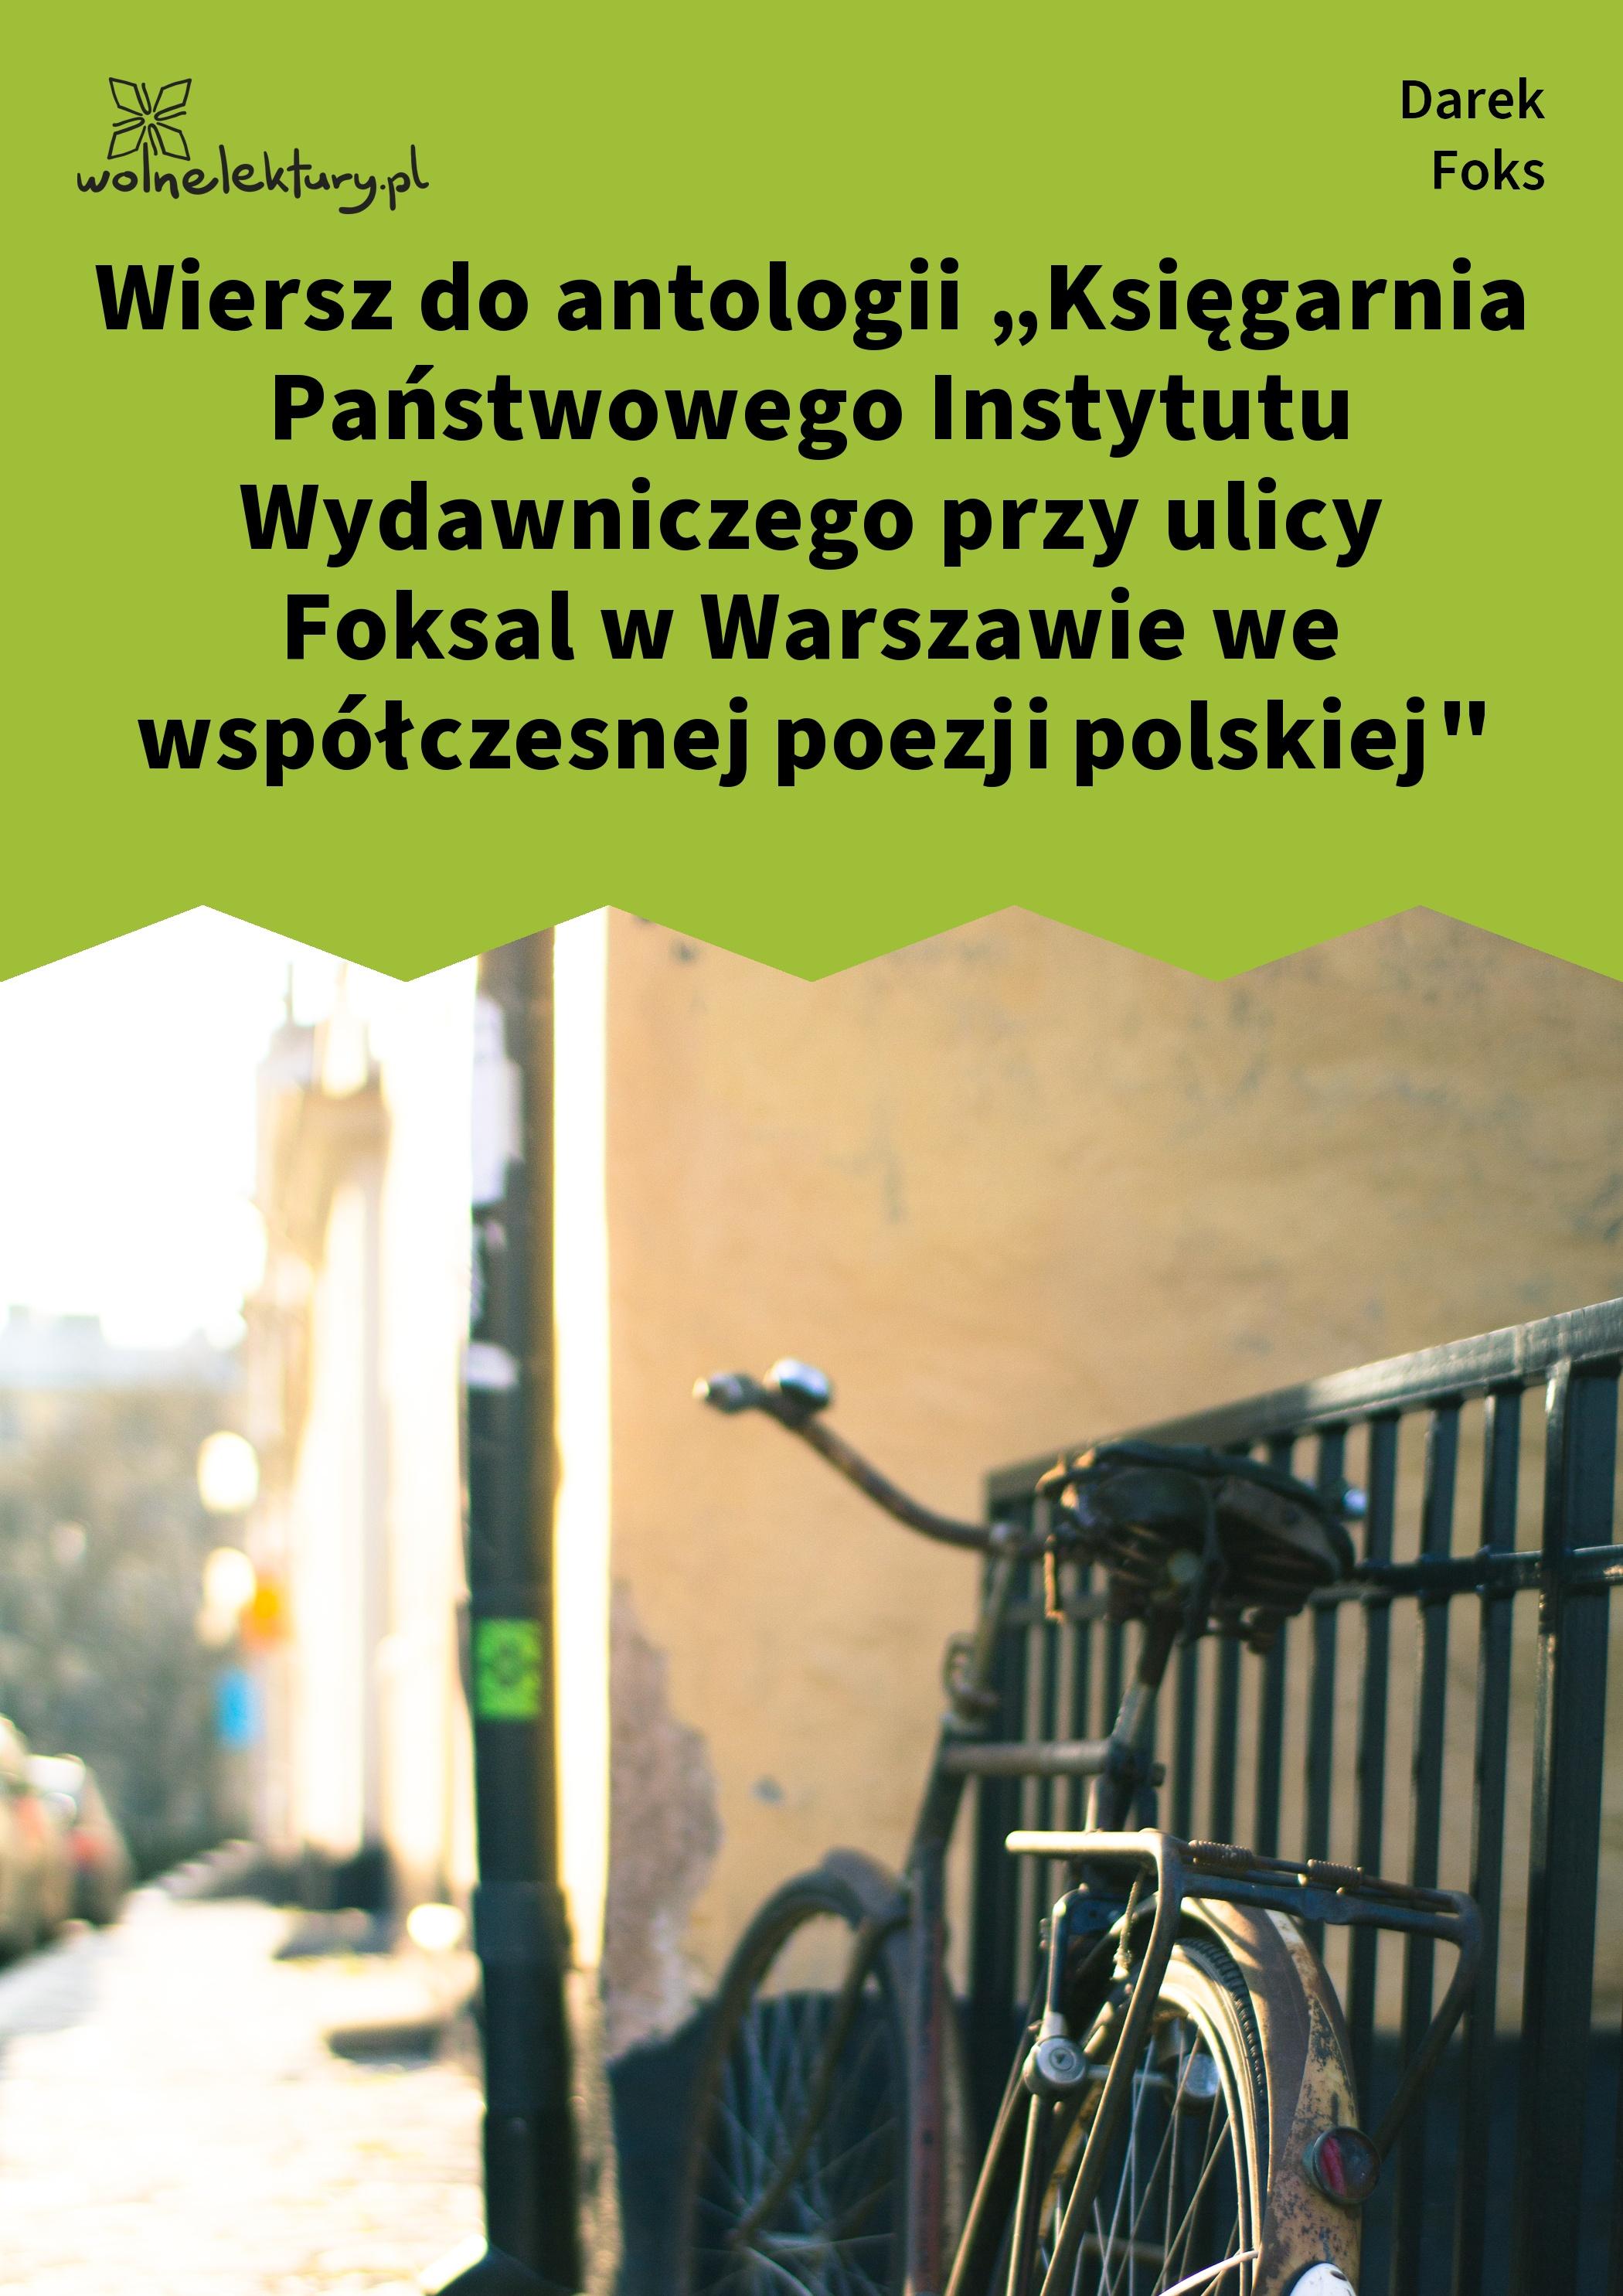 Darek Foks Wiersze O Fryzjerach Niewąski Tydzień Wiersz